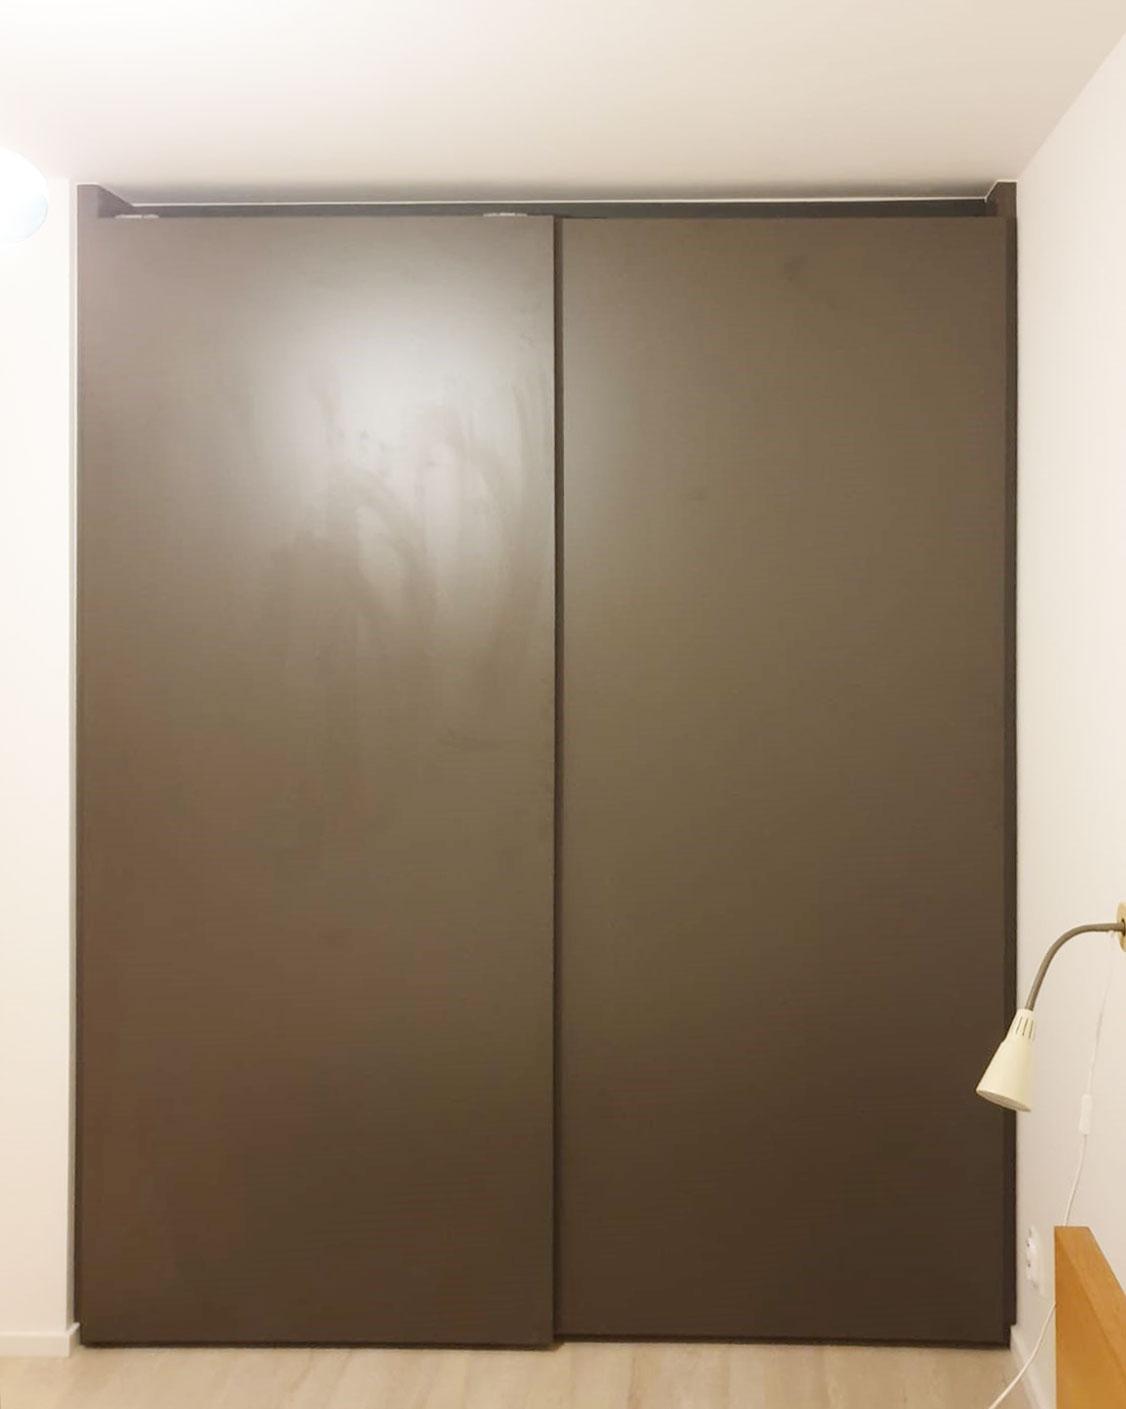 Skříň na míru s posuvnými dveřmi bez rámů